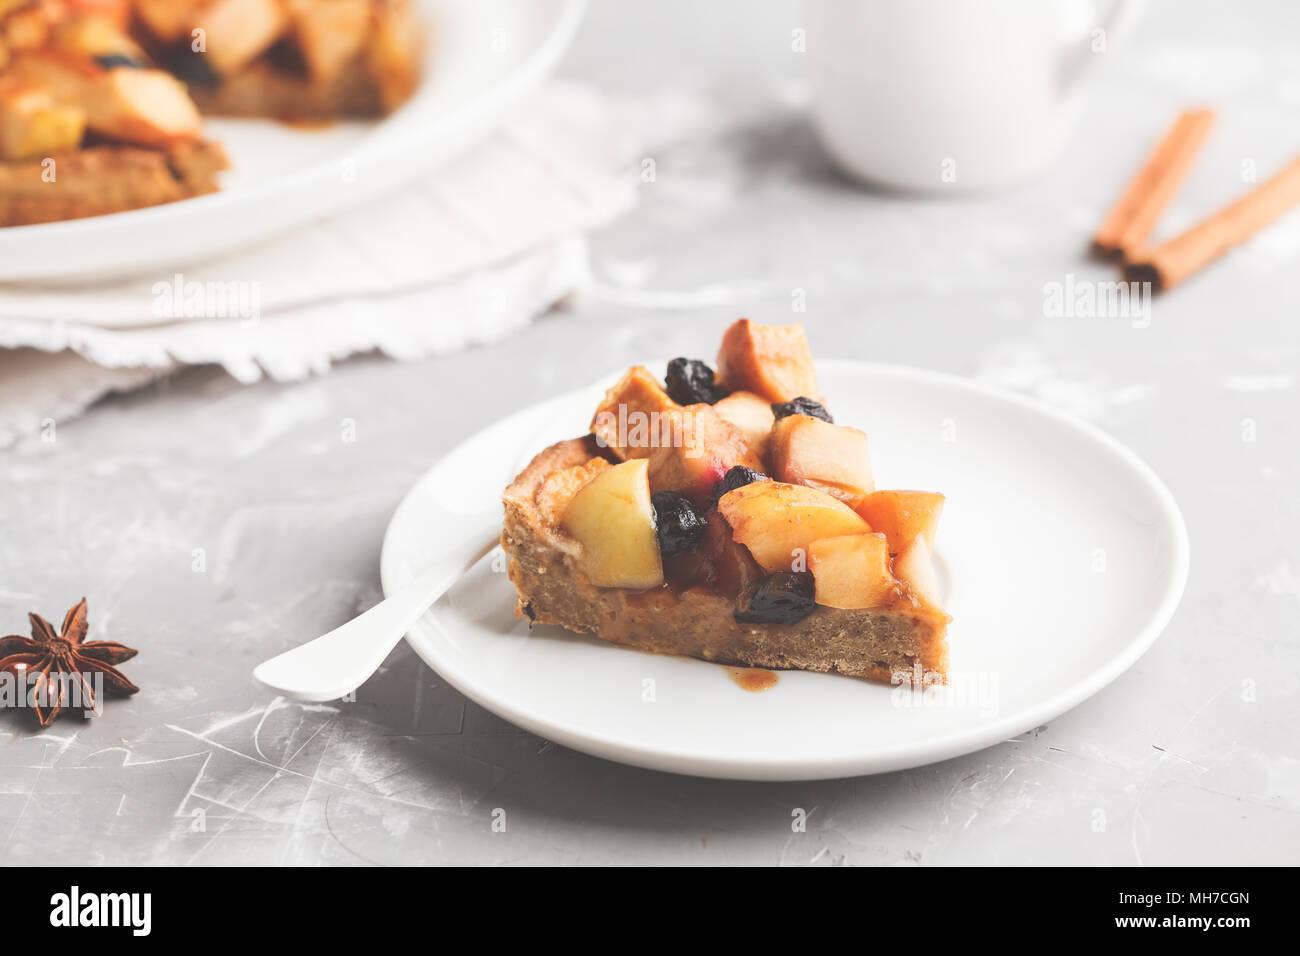 Morceau de vegan tarte aux raisins et cannelle, caramel, fond gris. Photo Stock